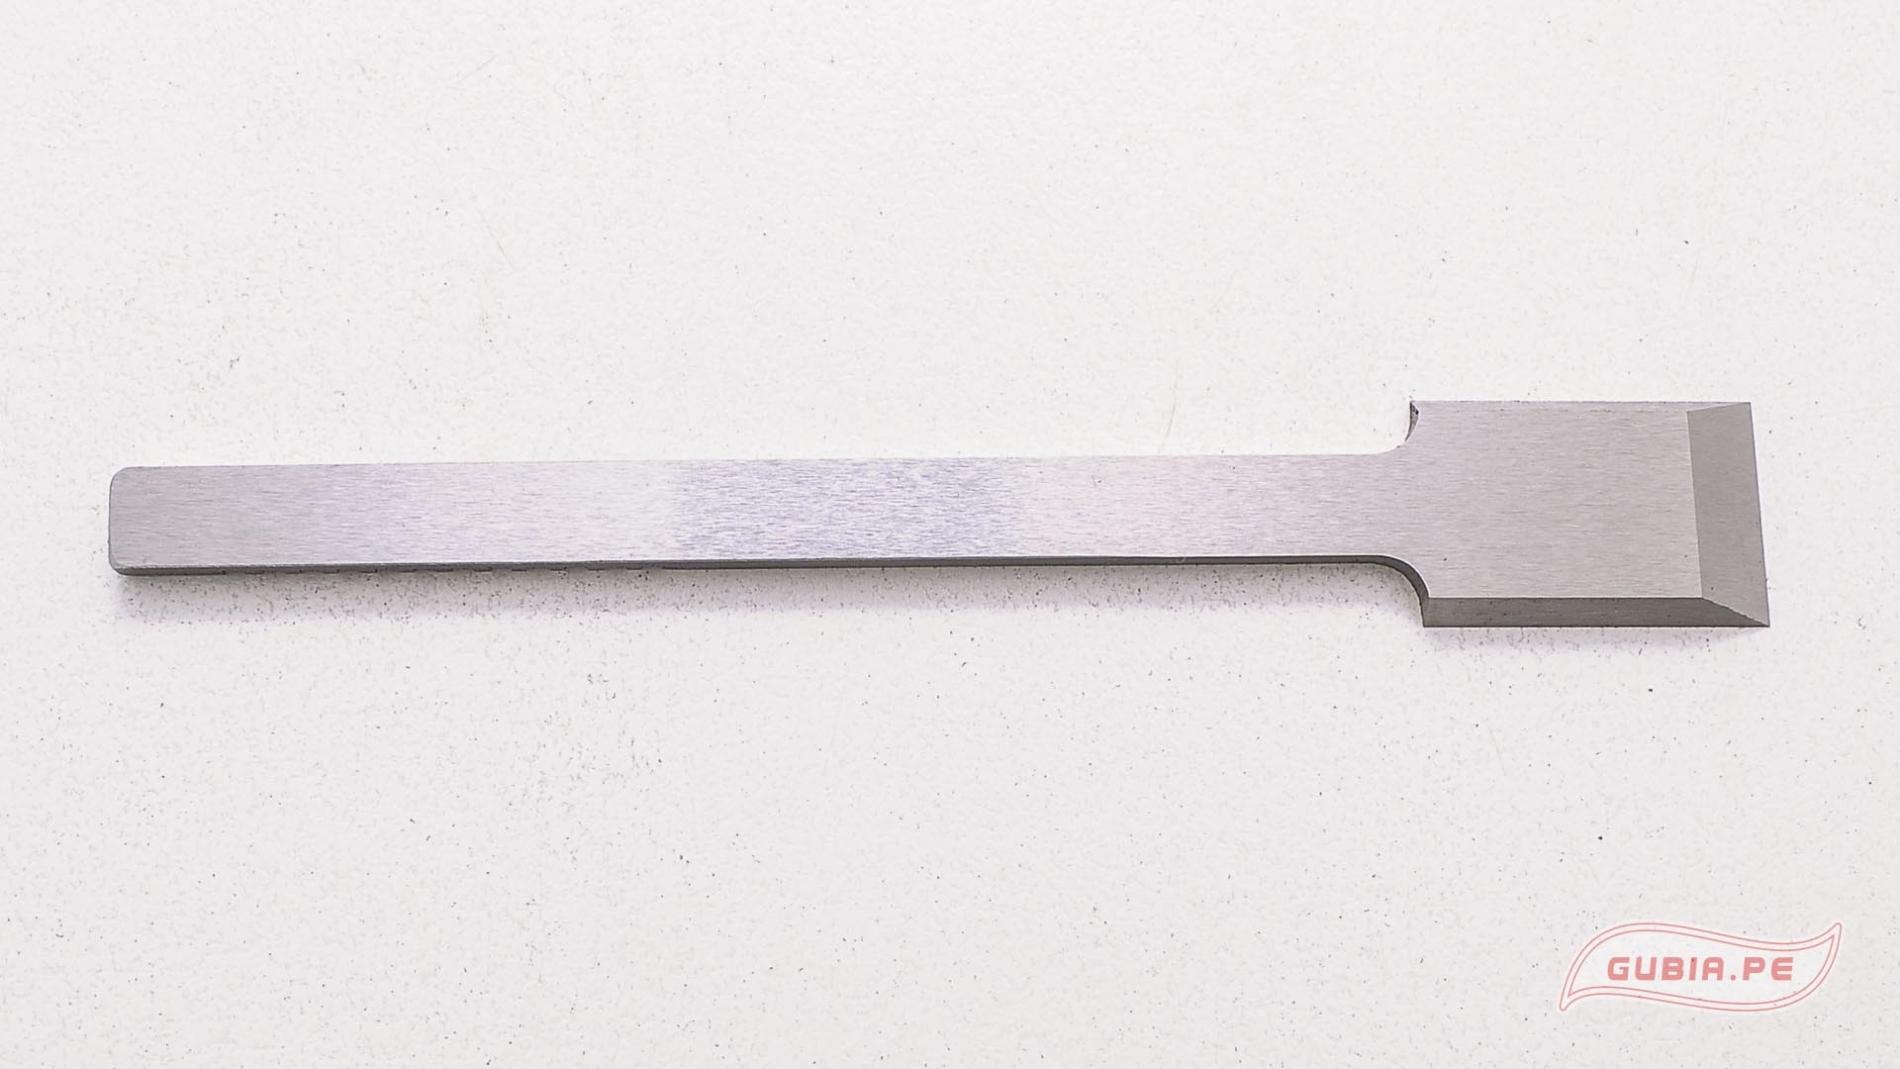 """154033-Cuchilla de cepillo #92 espaldon repuesto 3/4"""" Woodriver 154033-max-3."""